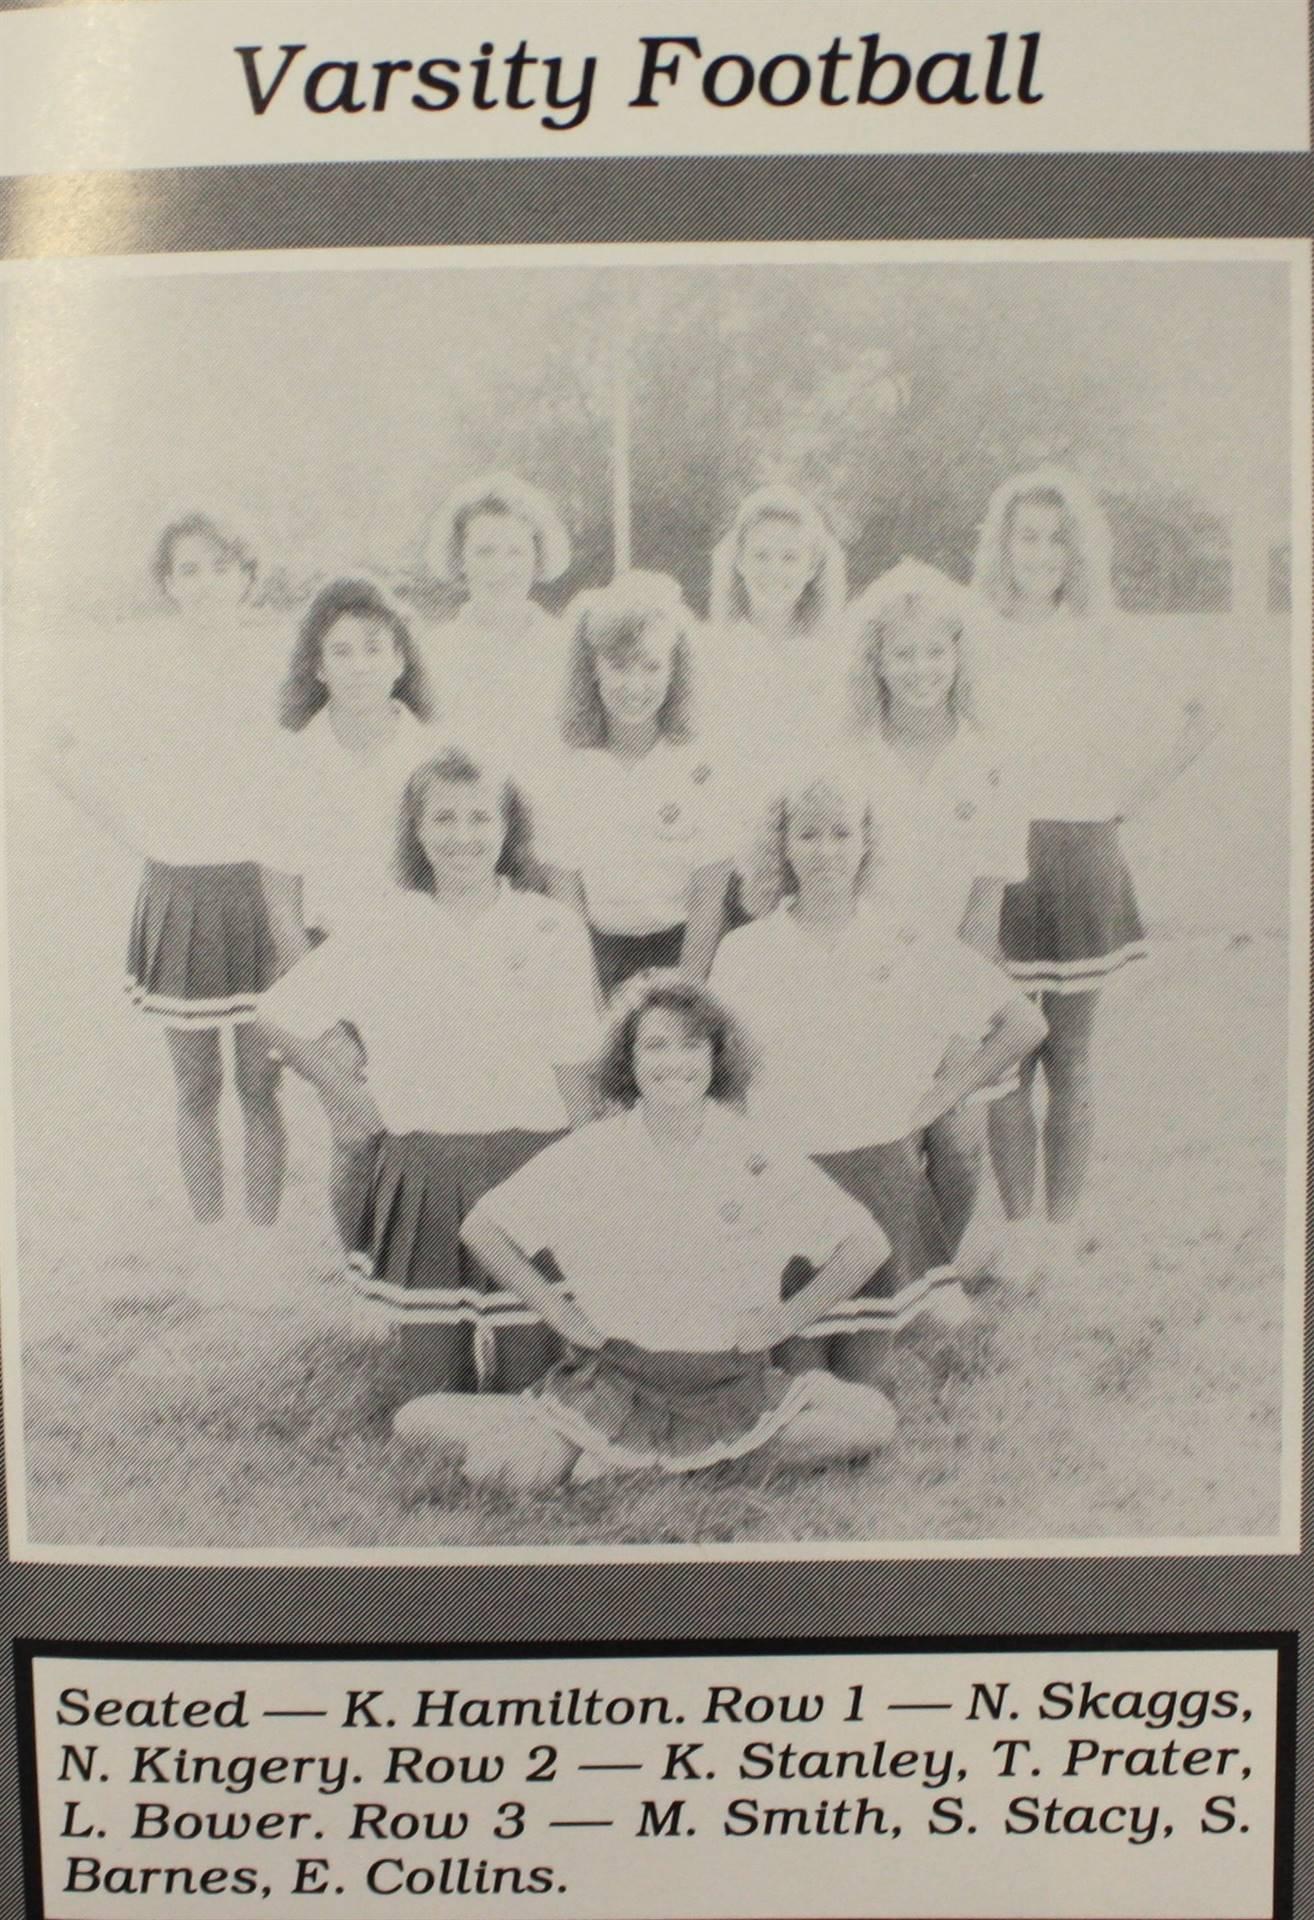 1990 Varsity Football Cheerleaders